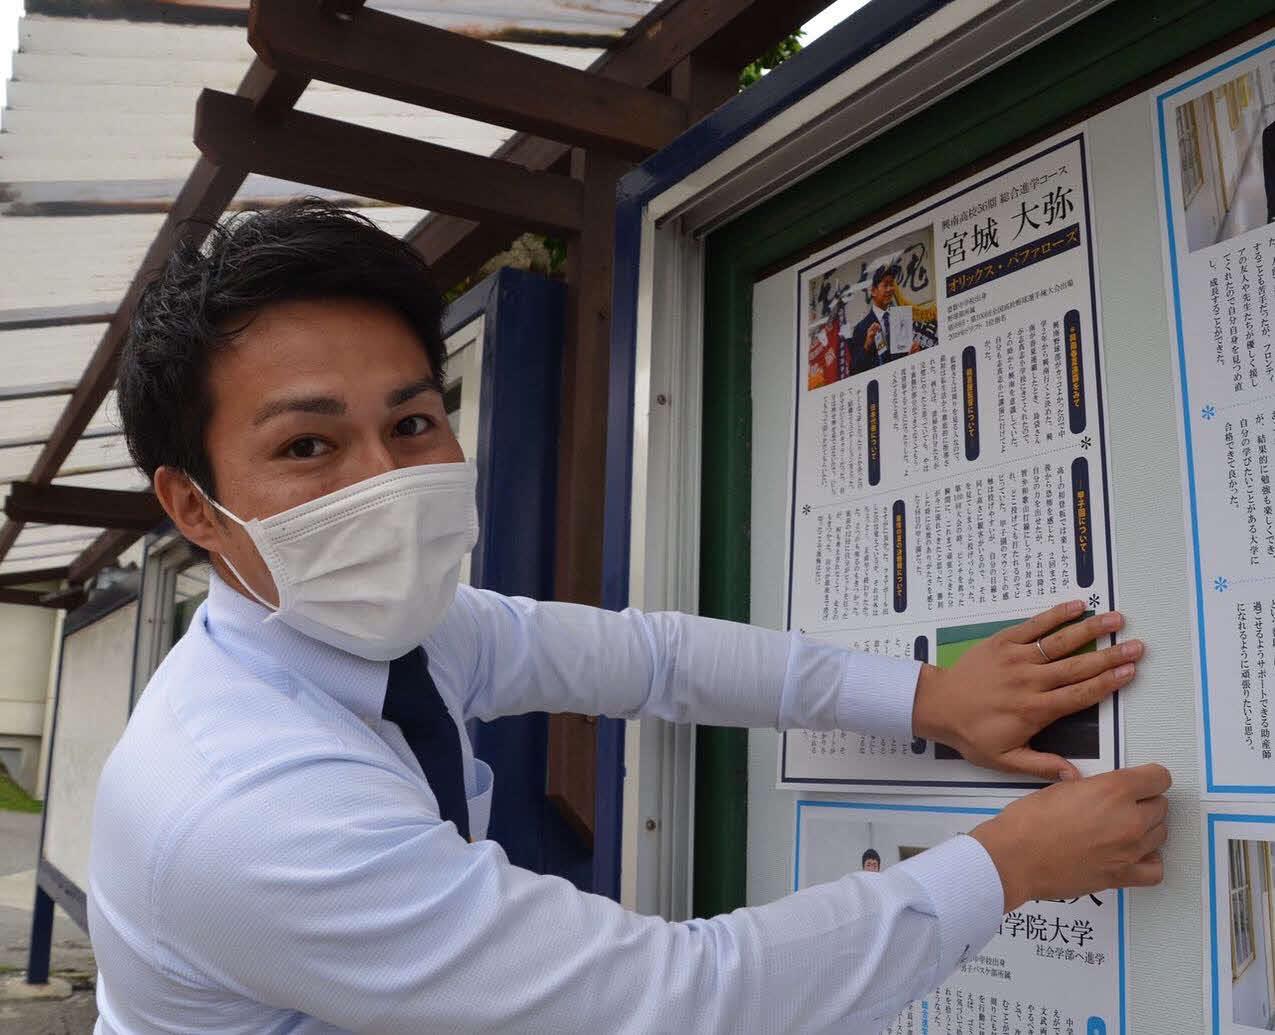 興南の事務職員、広報室に配属となった元ソフトバンク島袋洋奨さんは、学校内の掲示板に卒業生の進路が書かれた紙を張り出す(本人提供)